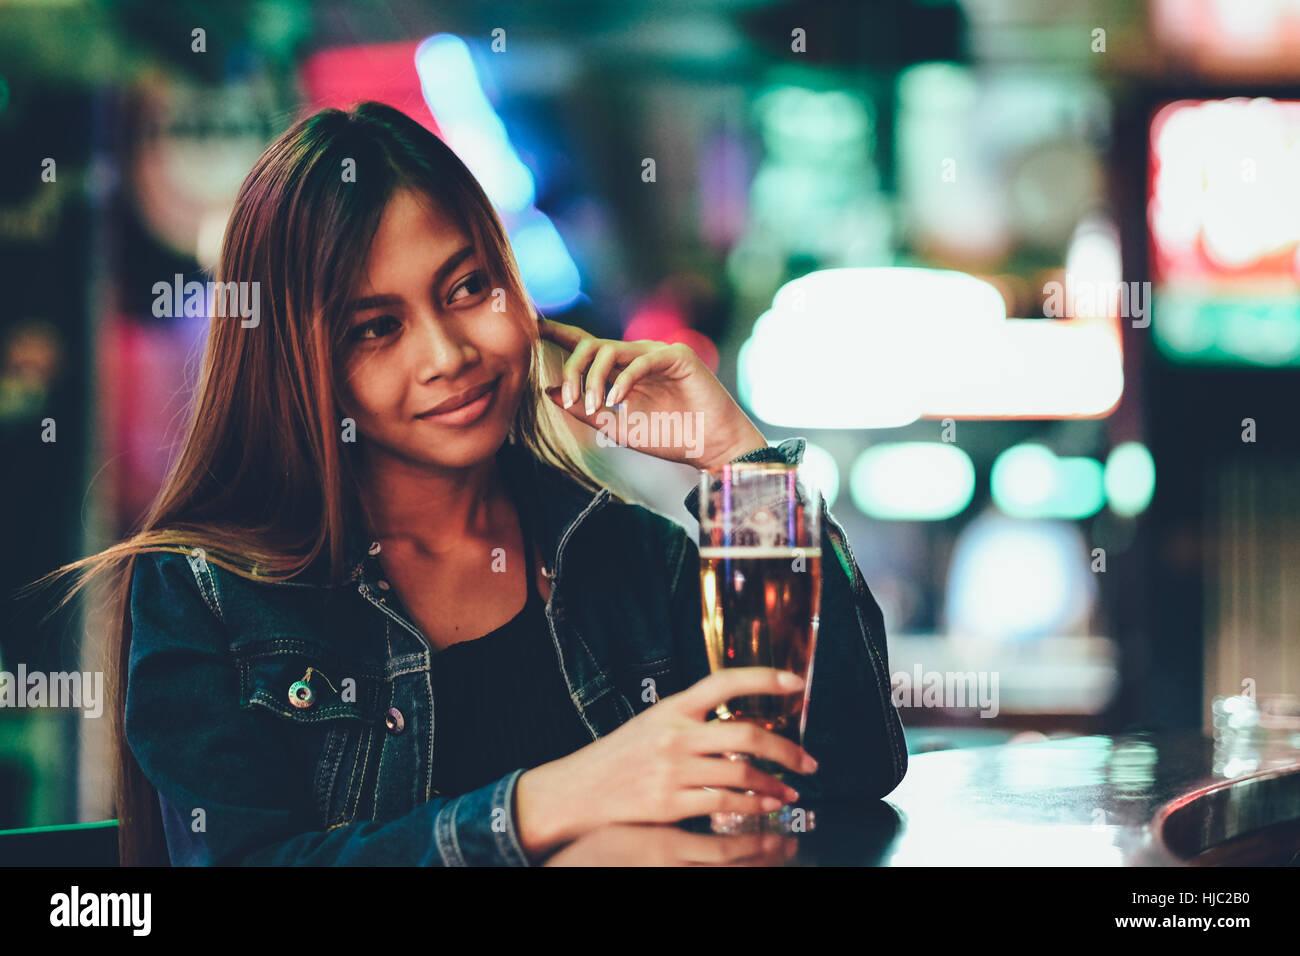 Vida nocturna, adulto chica esperando en el bar bebiendo bear Foto de stock